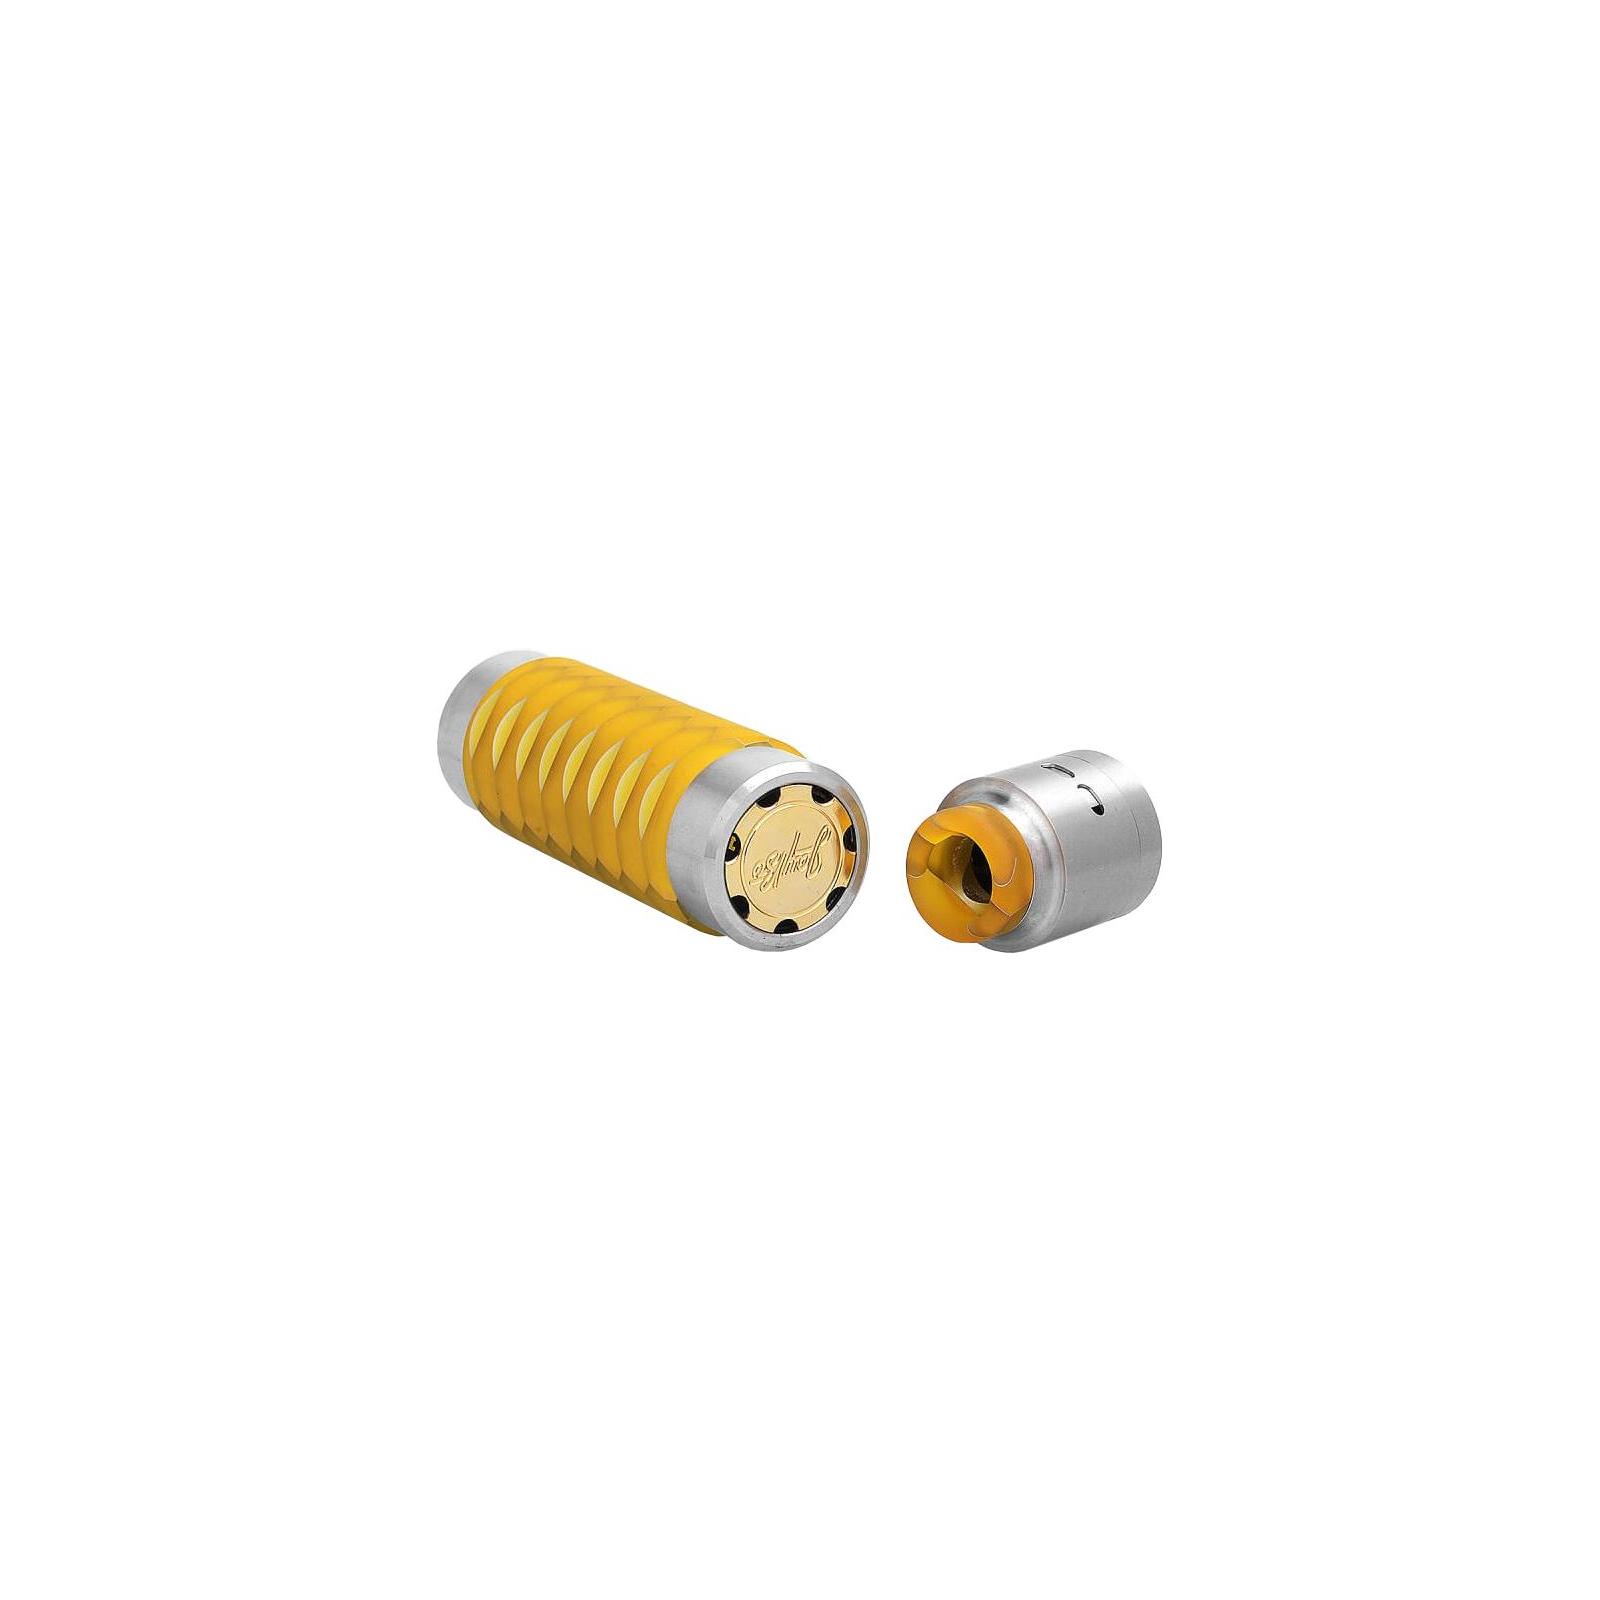 Стартовый набор Wismec Machina RDA Kit Honeycomb Resin (WSMCHY) изображение 4